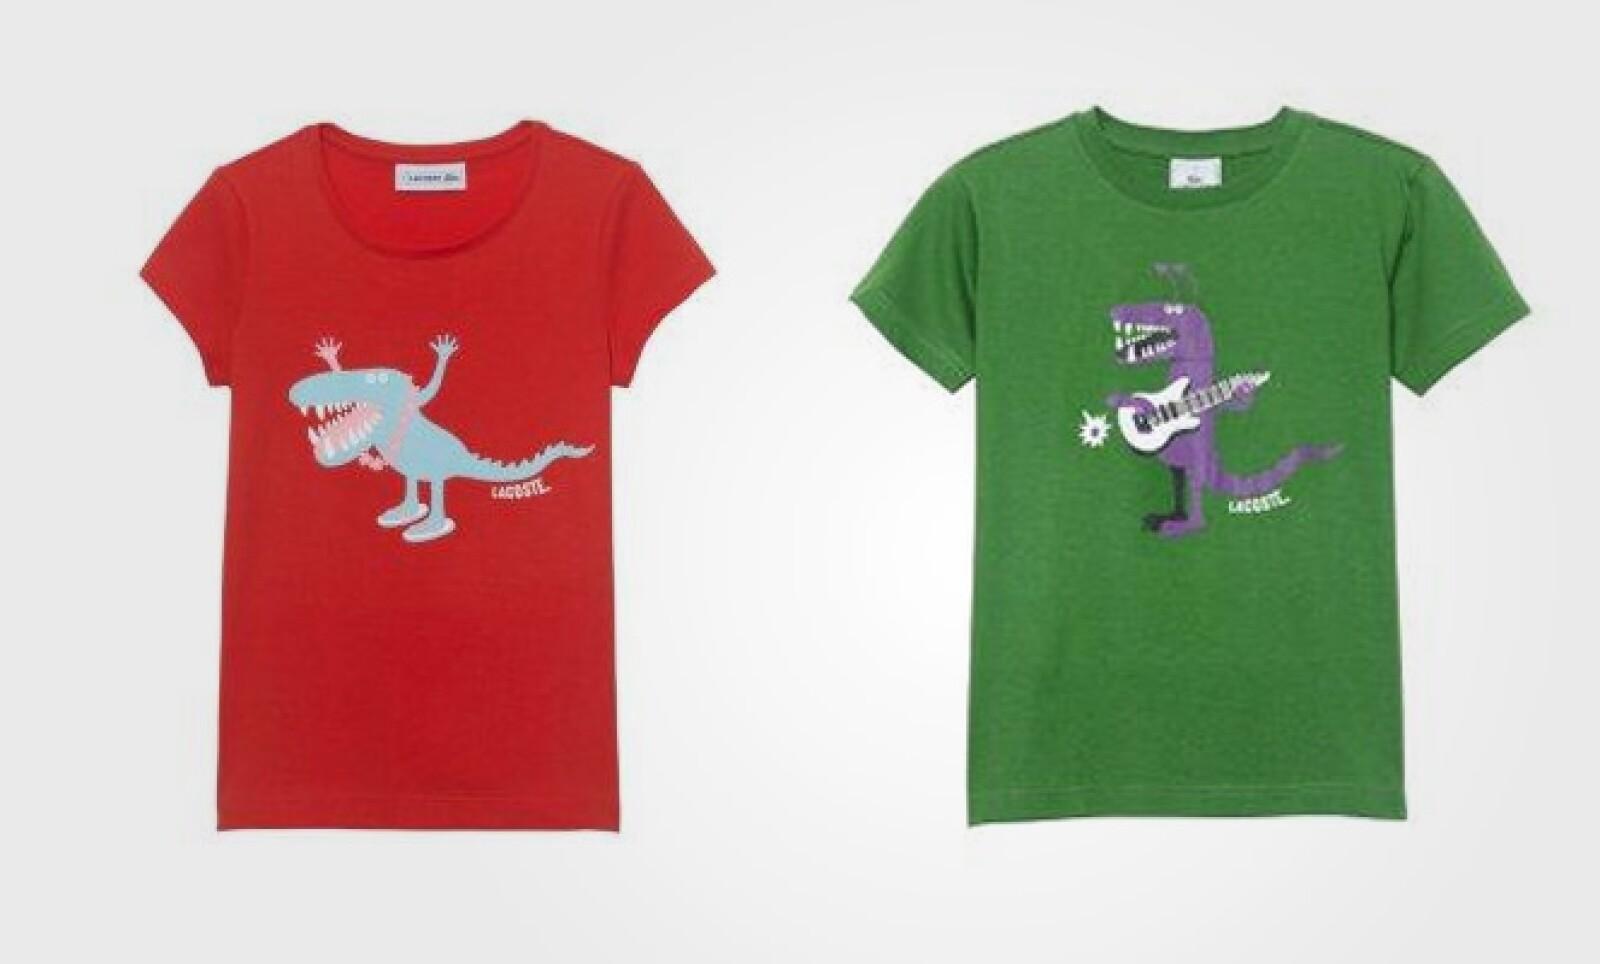 Estas piezas ya están disponibles en las boutiques y puntos de venta de Lacoste en territorio nacional.